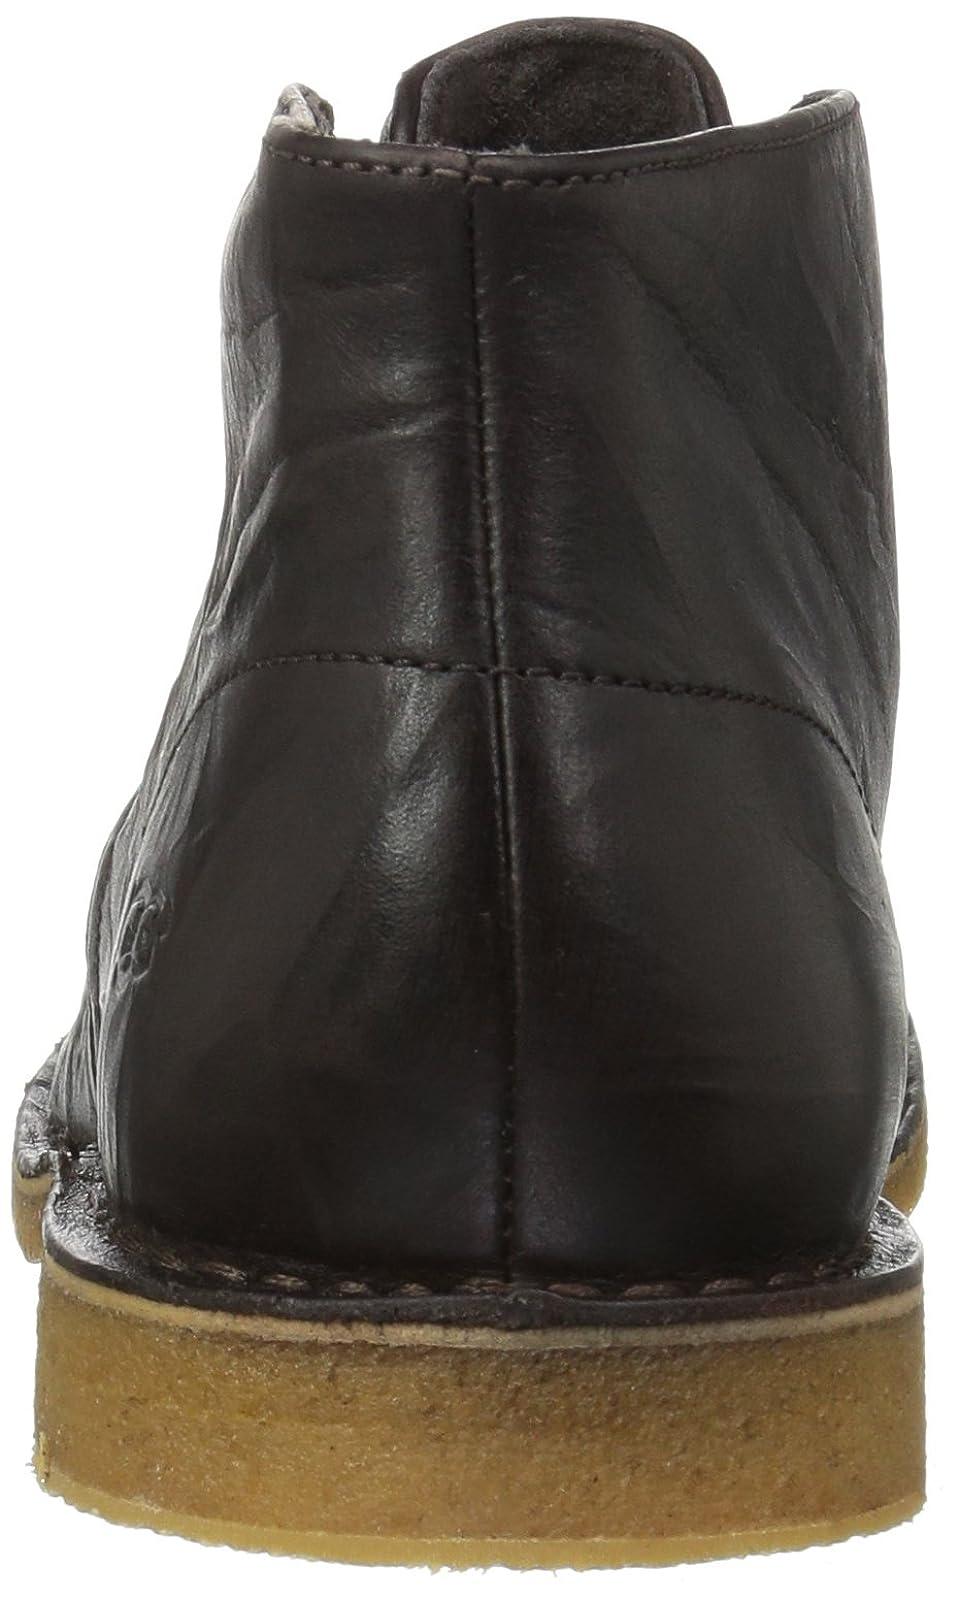 b2c9f0d2b6b UGG Men's Leighton Chukka Boot Chocolate 10 M US